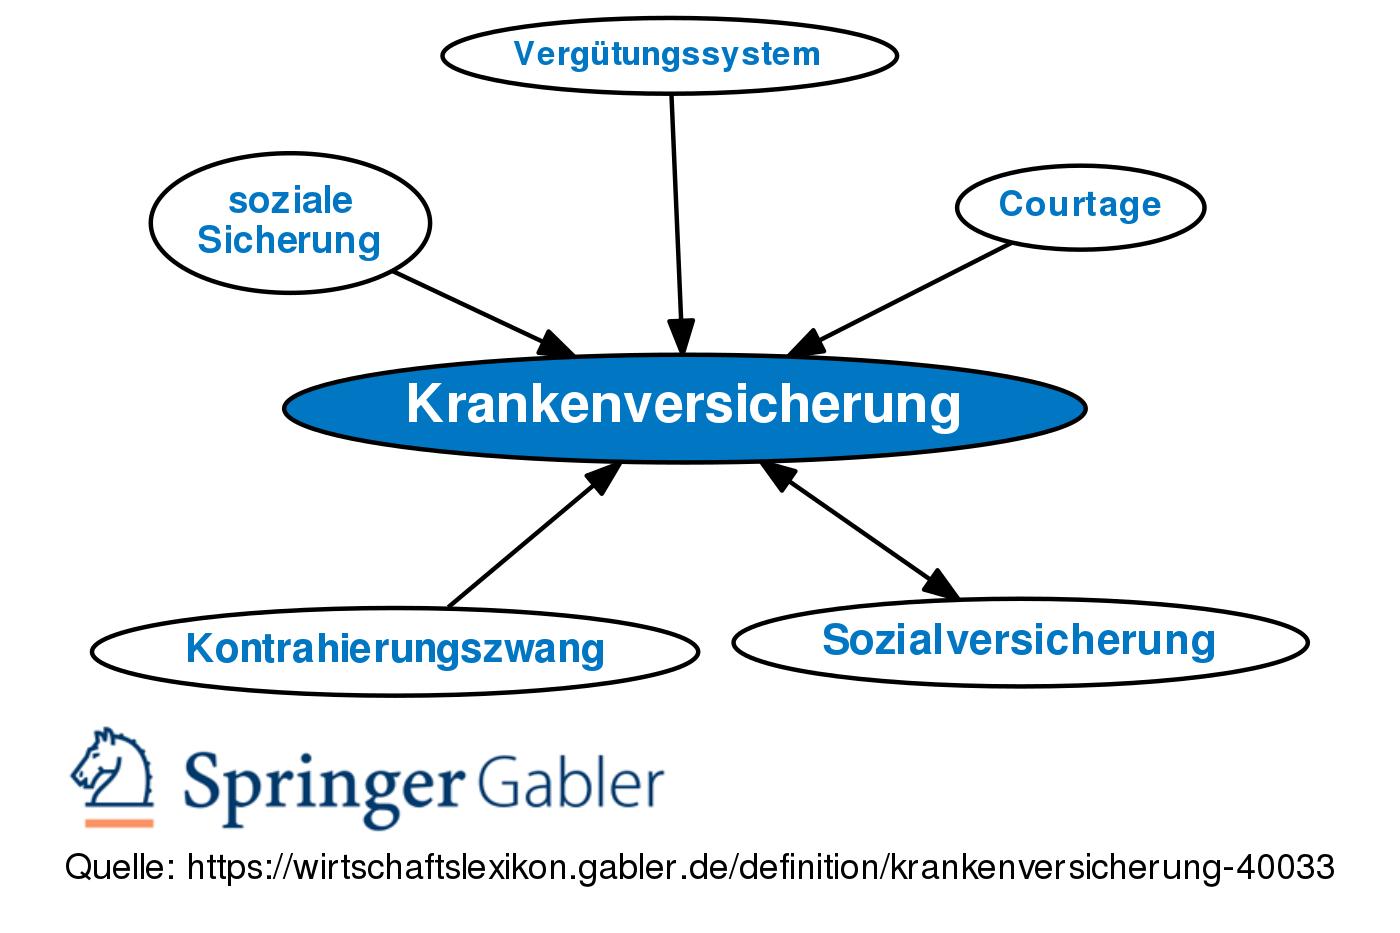 gesetzliche krankenversicherung deutschland vergleich